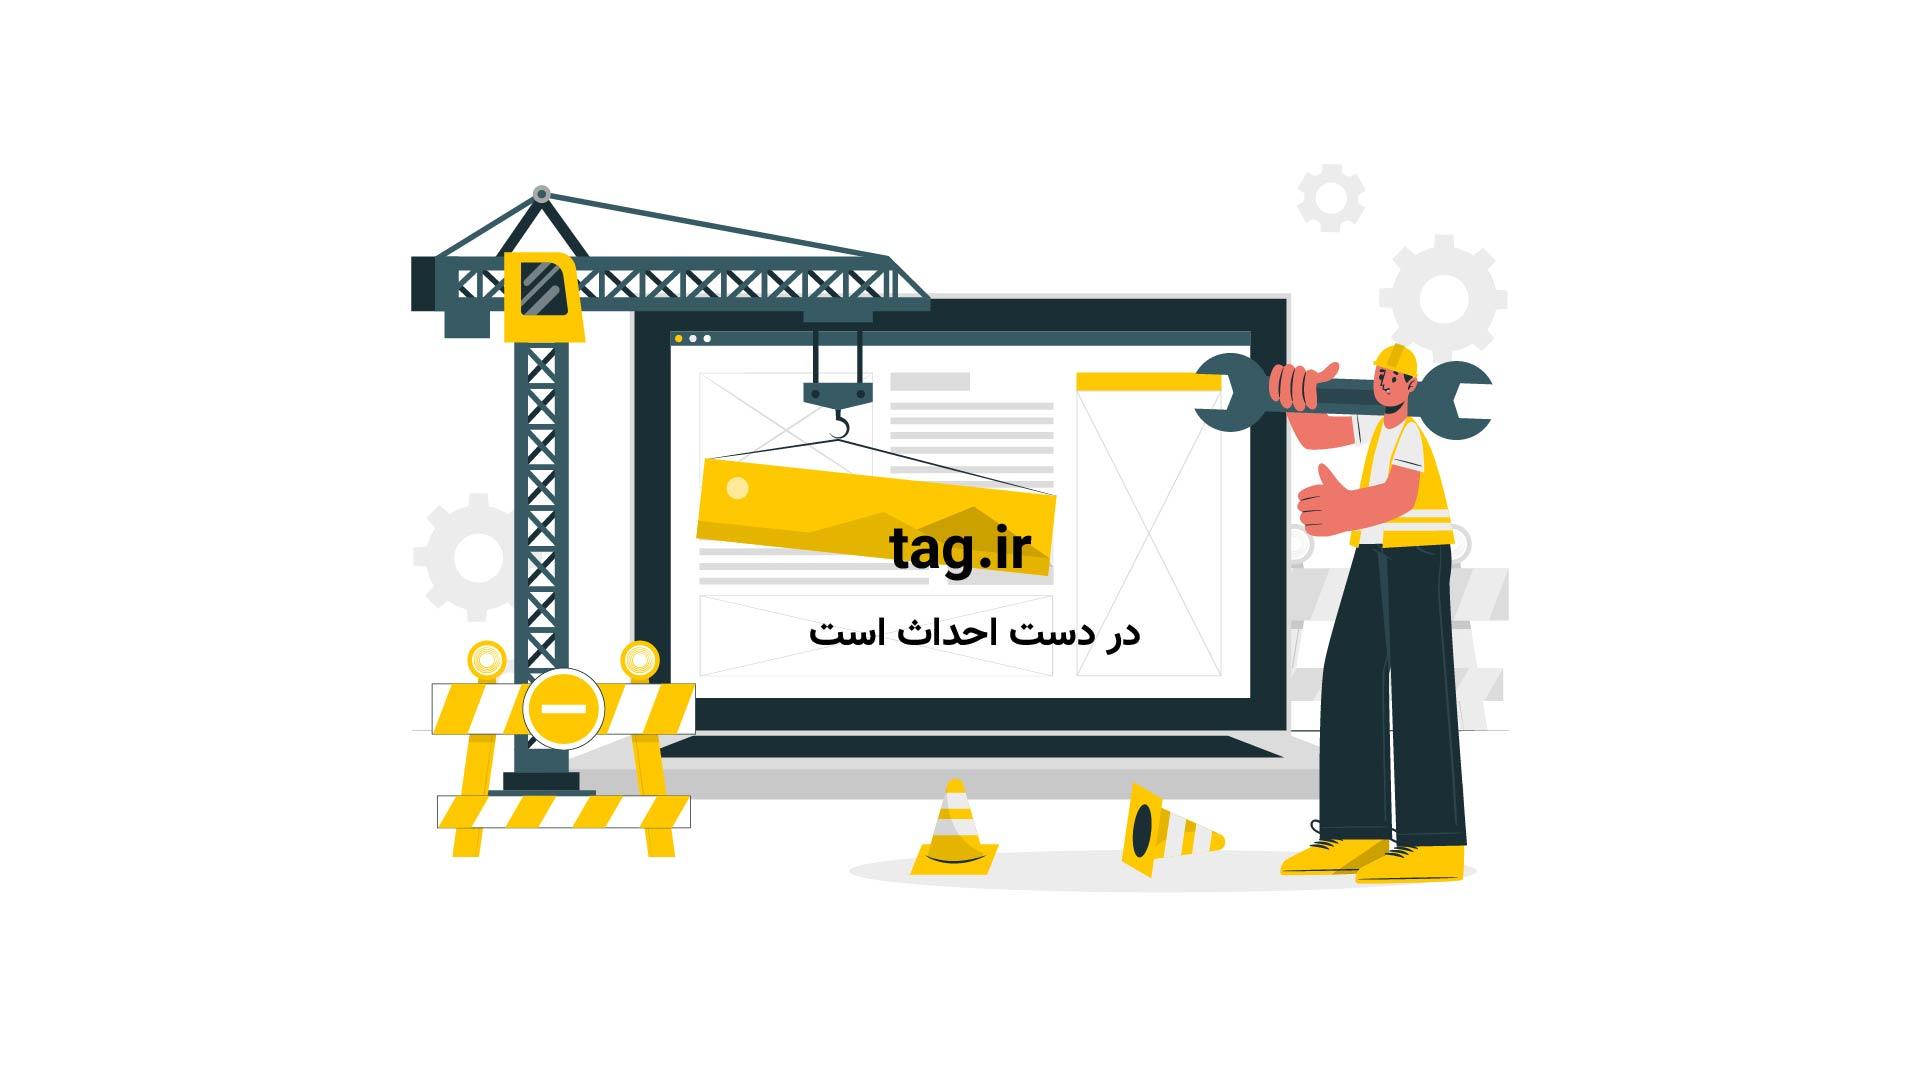 آموزش ساخت لوستر با استفاده از بادکنک و کاغذ | فیلم